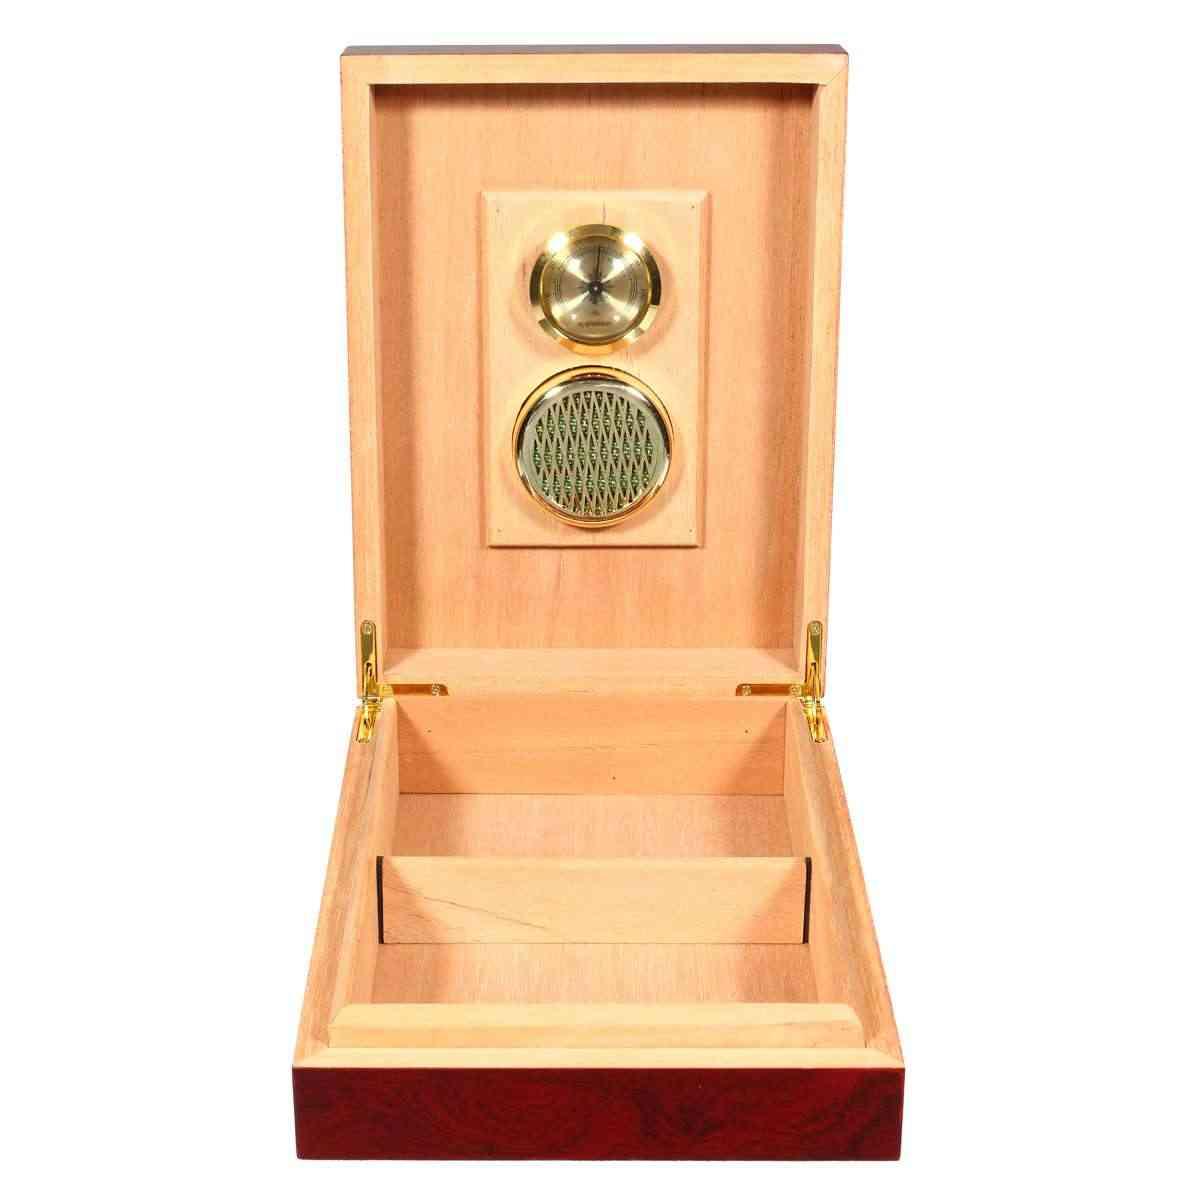 10 杉木製葉巻箱ヒュミドール収納オーガナイザー裏地加湿器湿度計ホルダーギフト Sming シガーアクセサリー